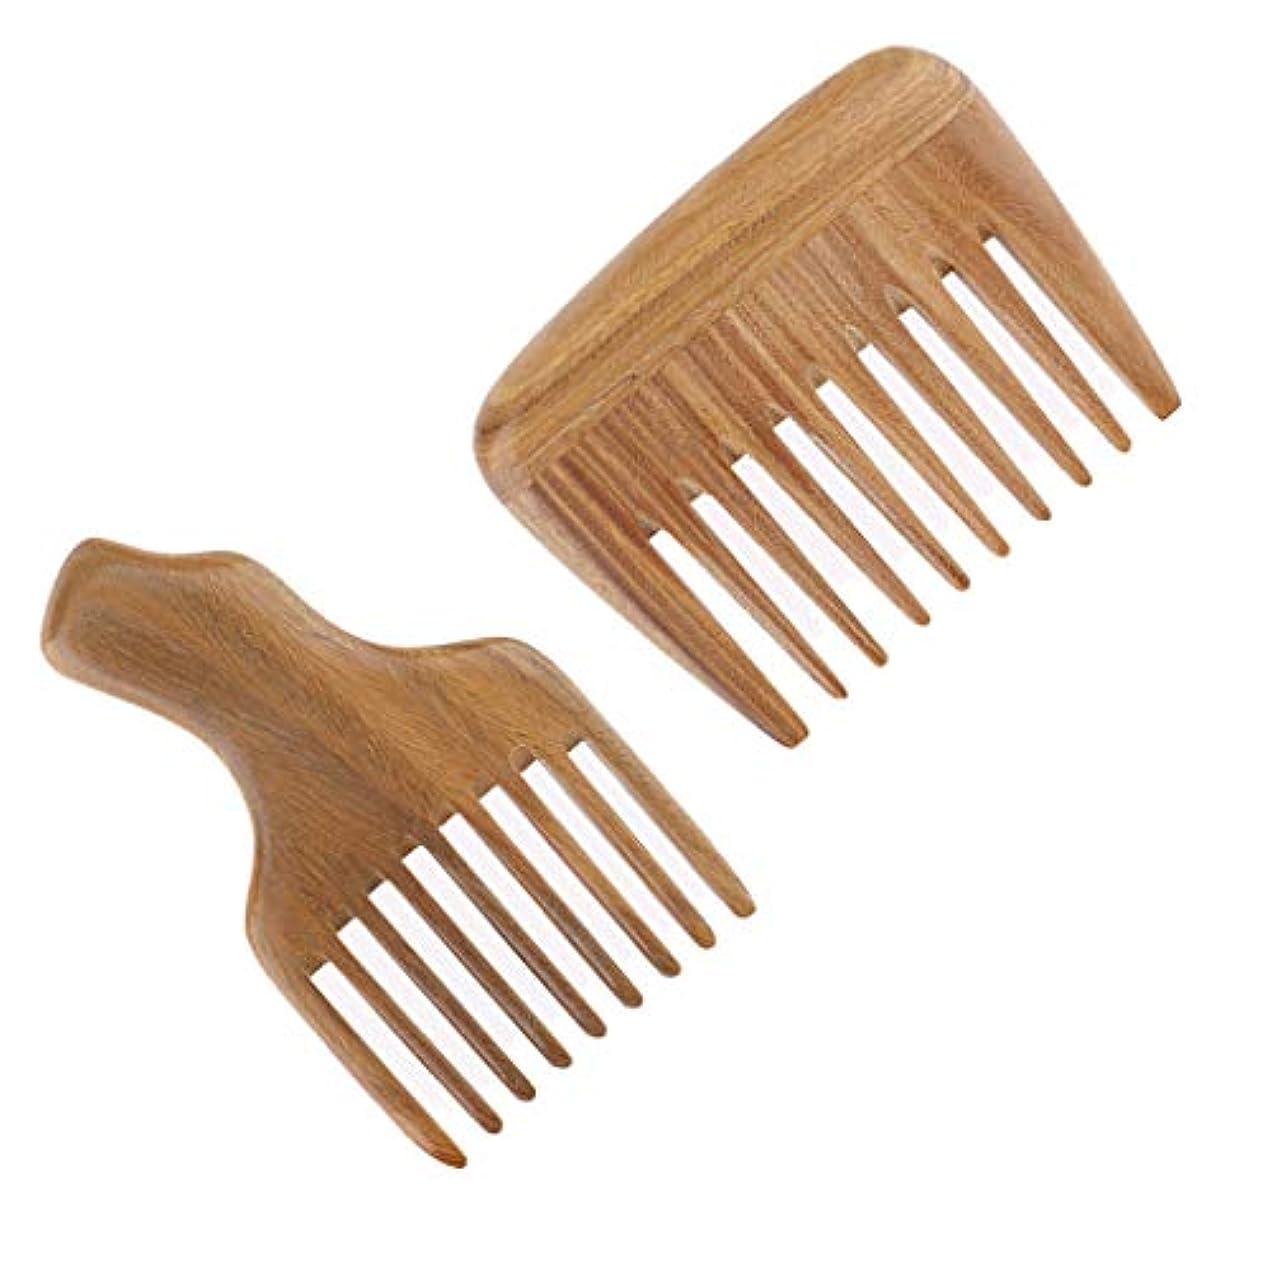 サリー発掘する汚れるT TOOYFUL 木製コーム ヘアブラシ ヘアコーム 粗い櫛 ユニセックス 理髪店 サロン アクセサリー 2個入り